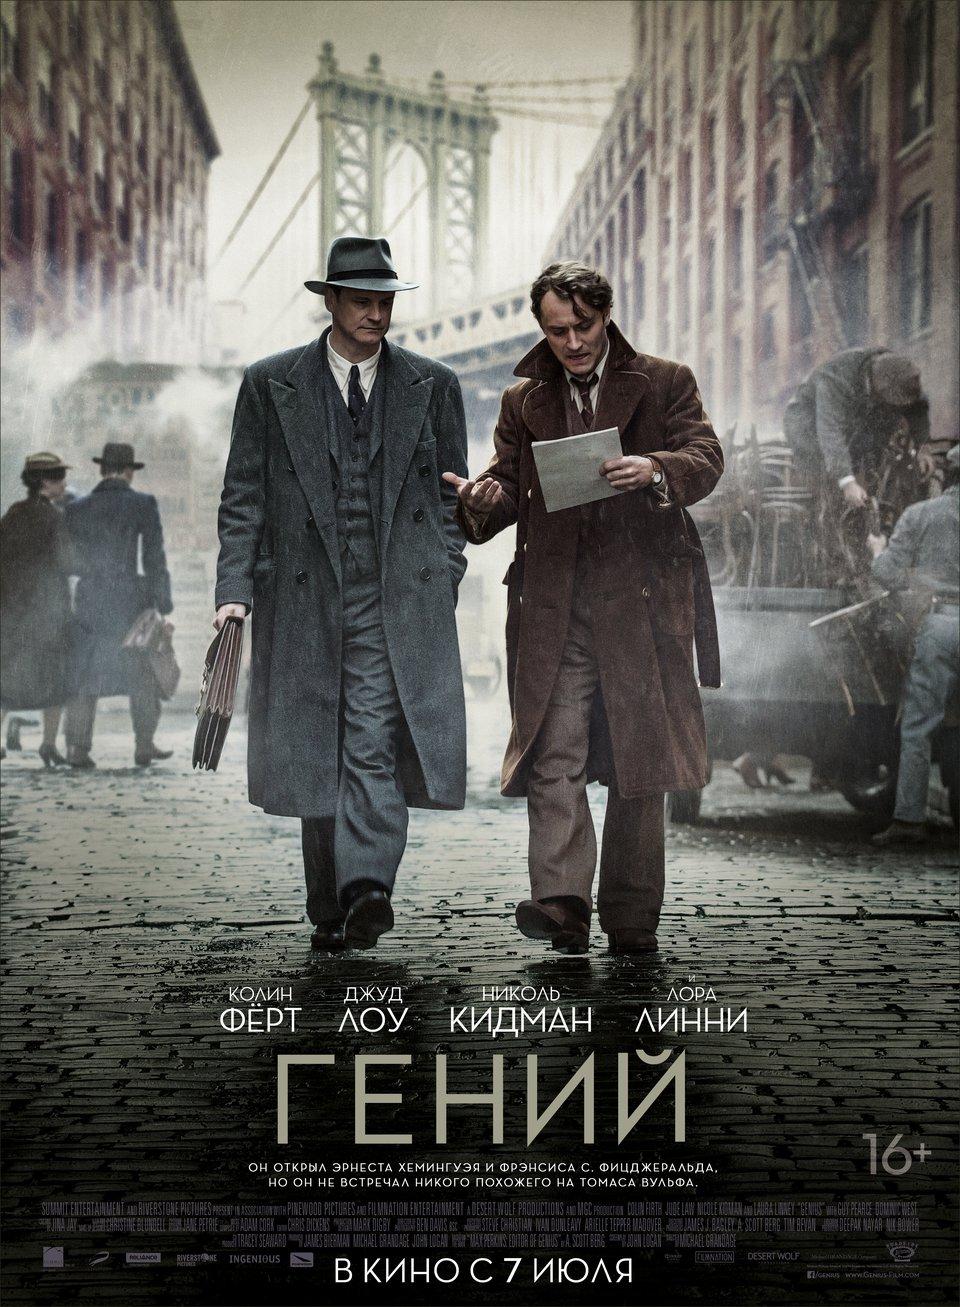 Новые фильмы смотреть онлайн в хорошем качестве на русском